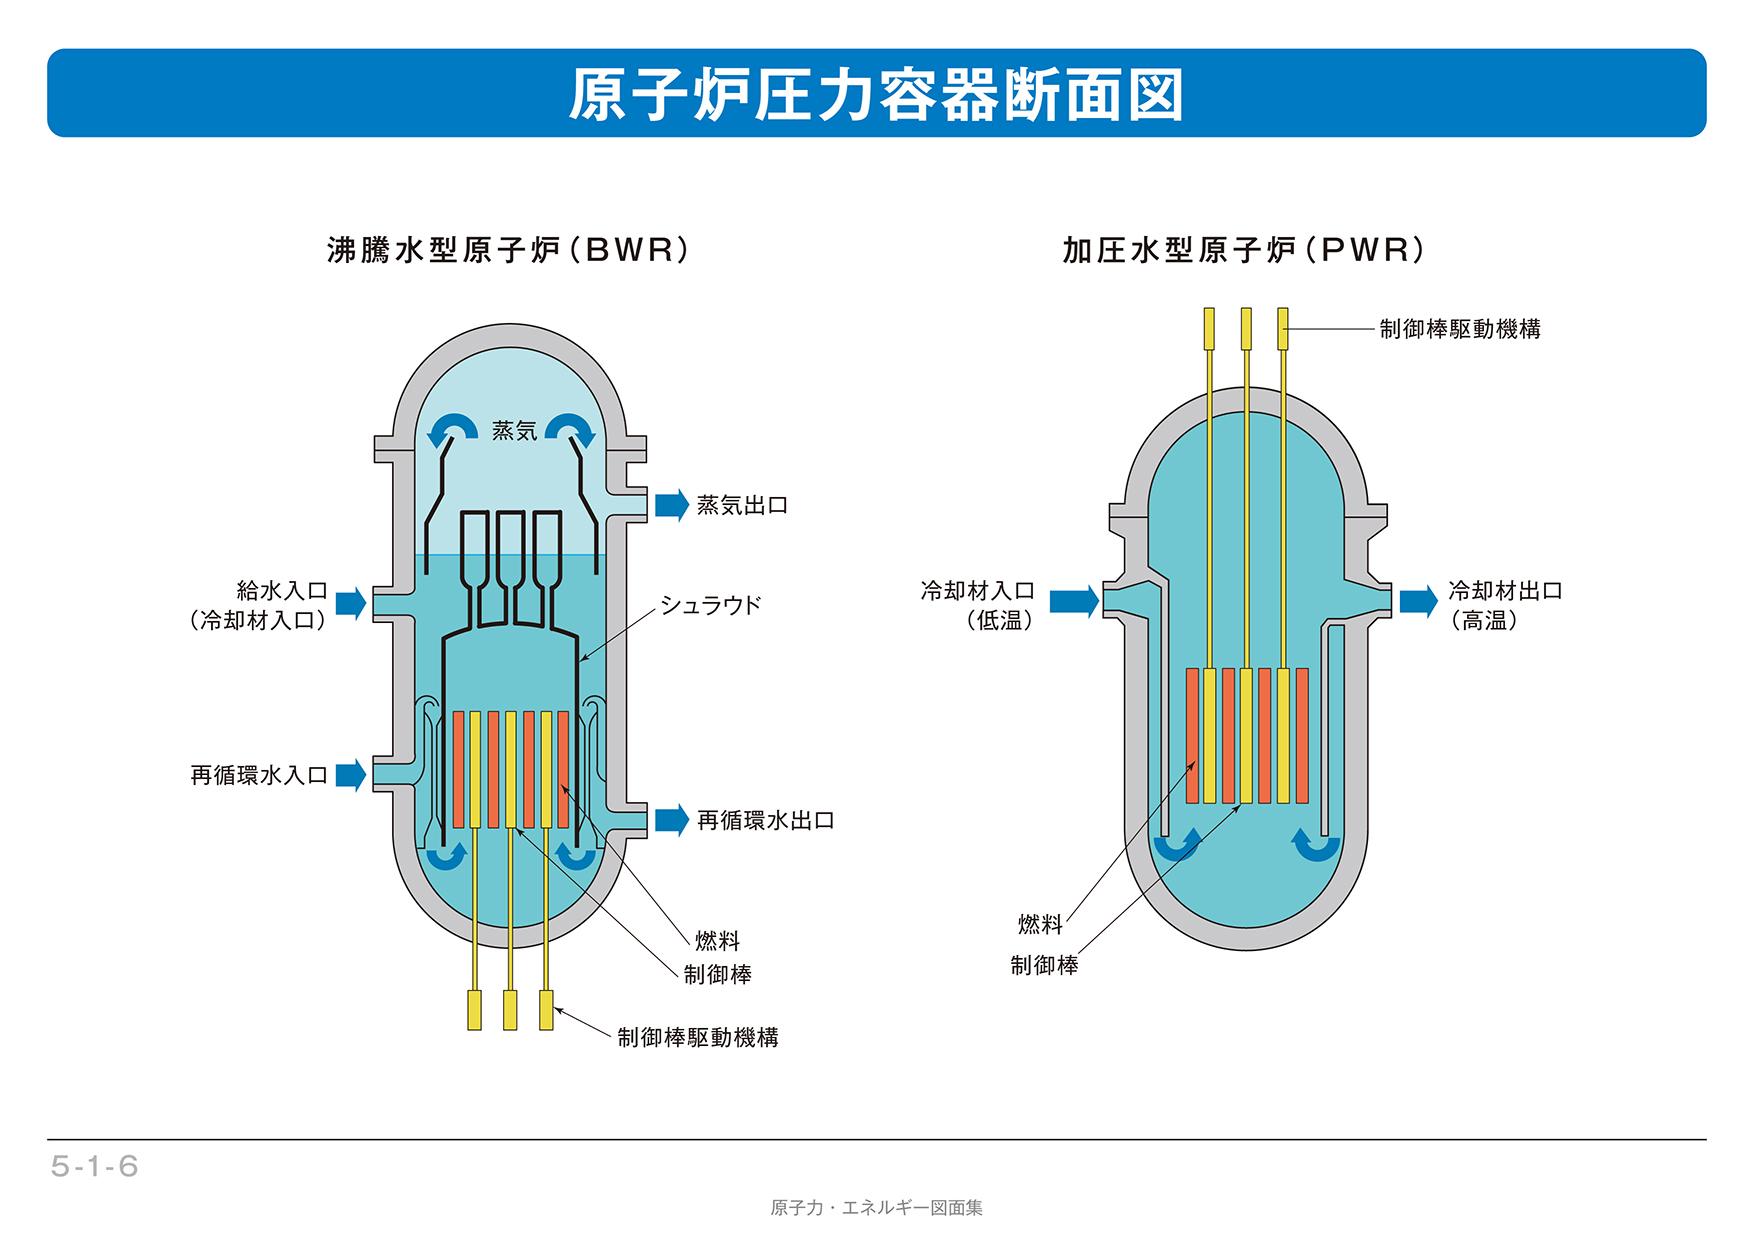 5-1-6】原子炉圧力容器断面図|...